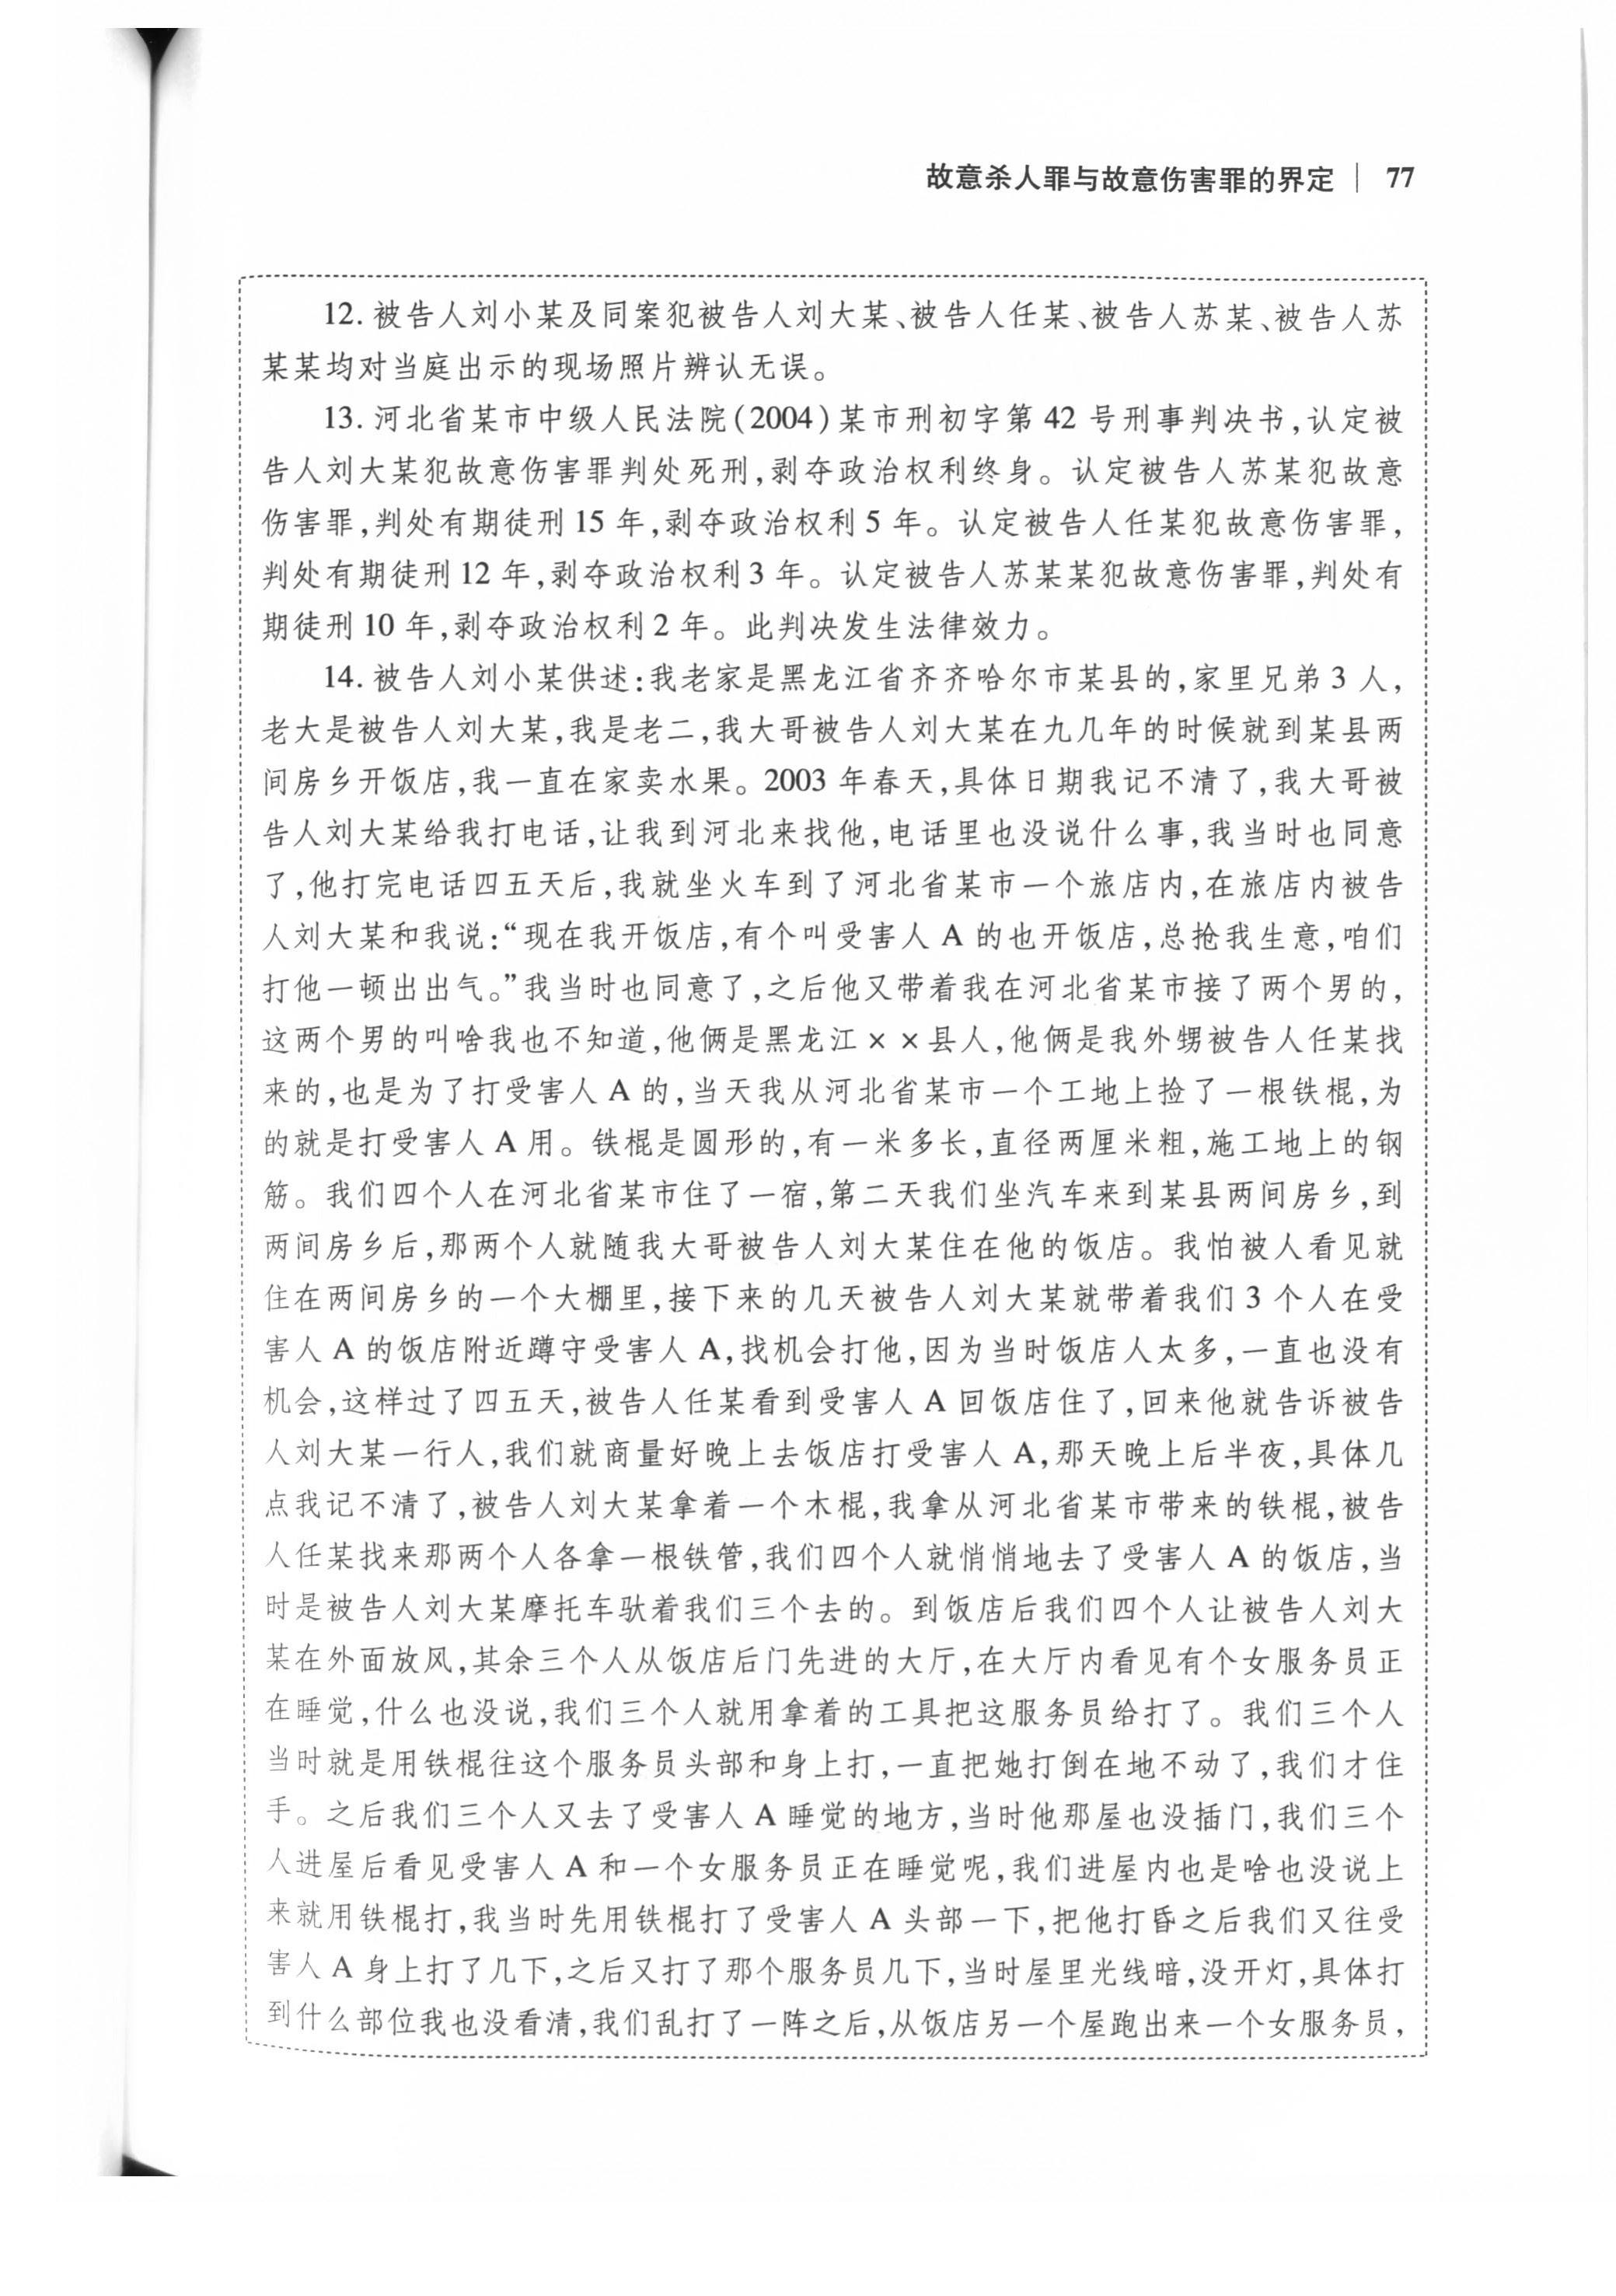 刘小某故意杀人案成功改判(图10)